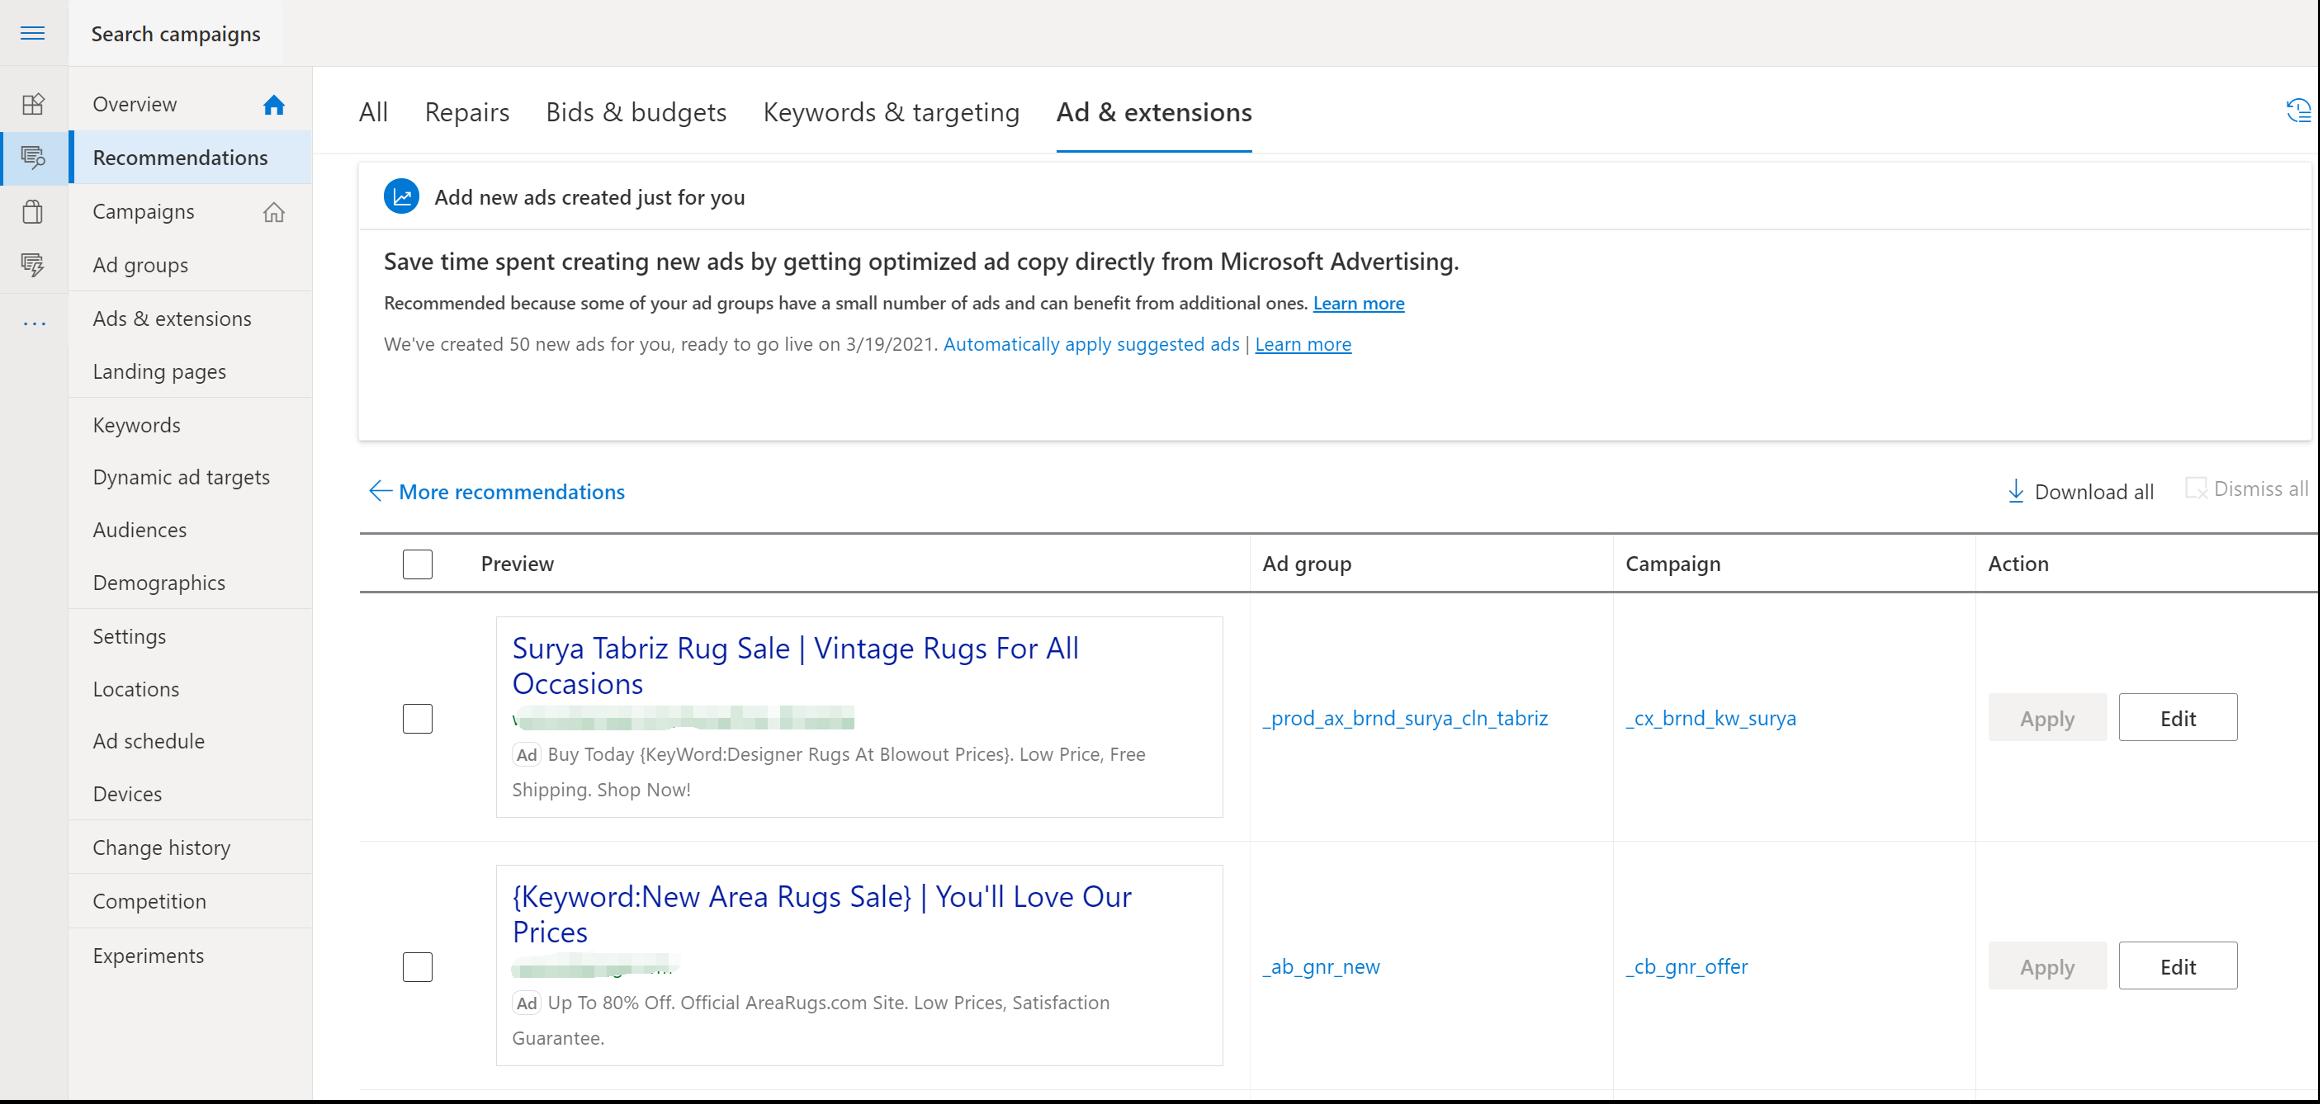 Microsoft aplicará automáticamente las sugerencias de anuncios